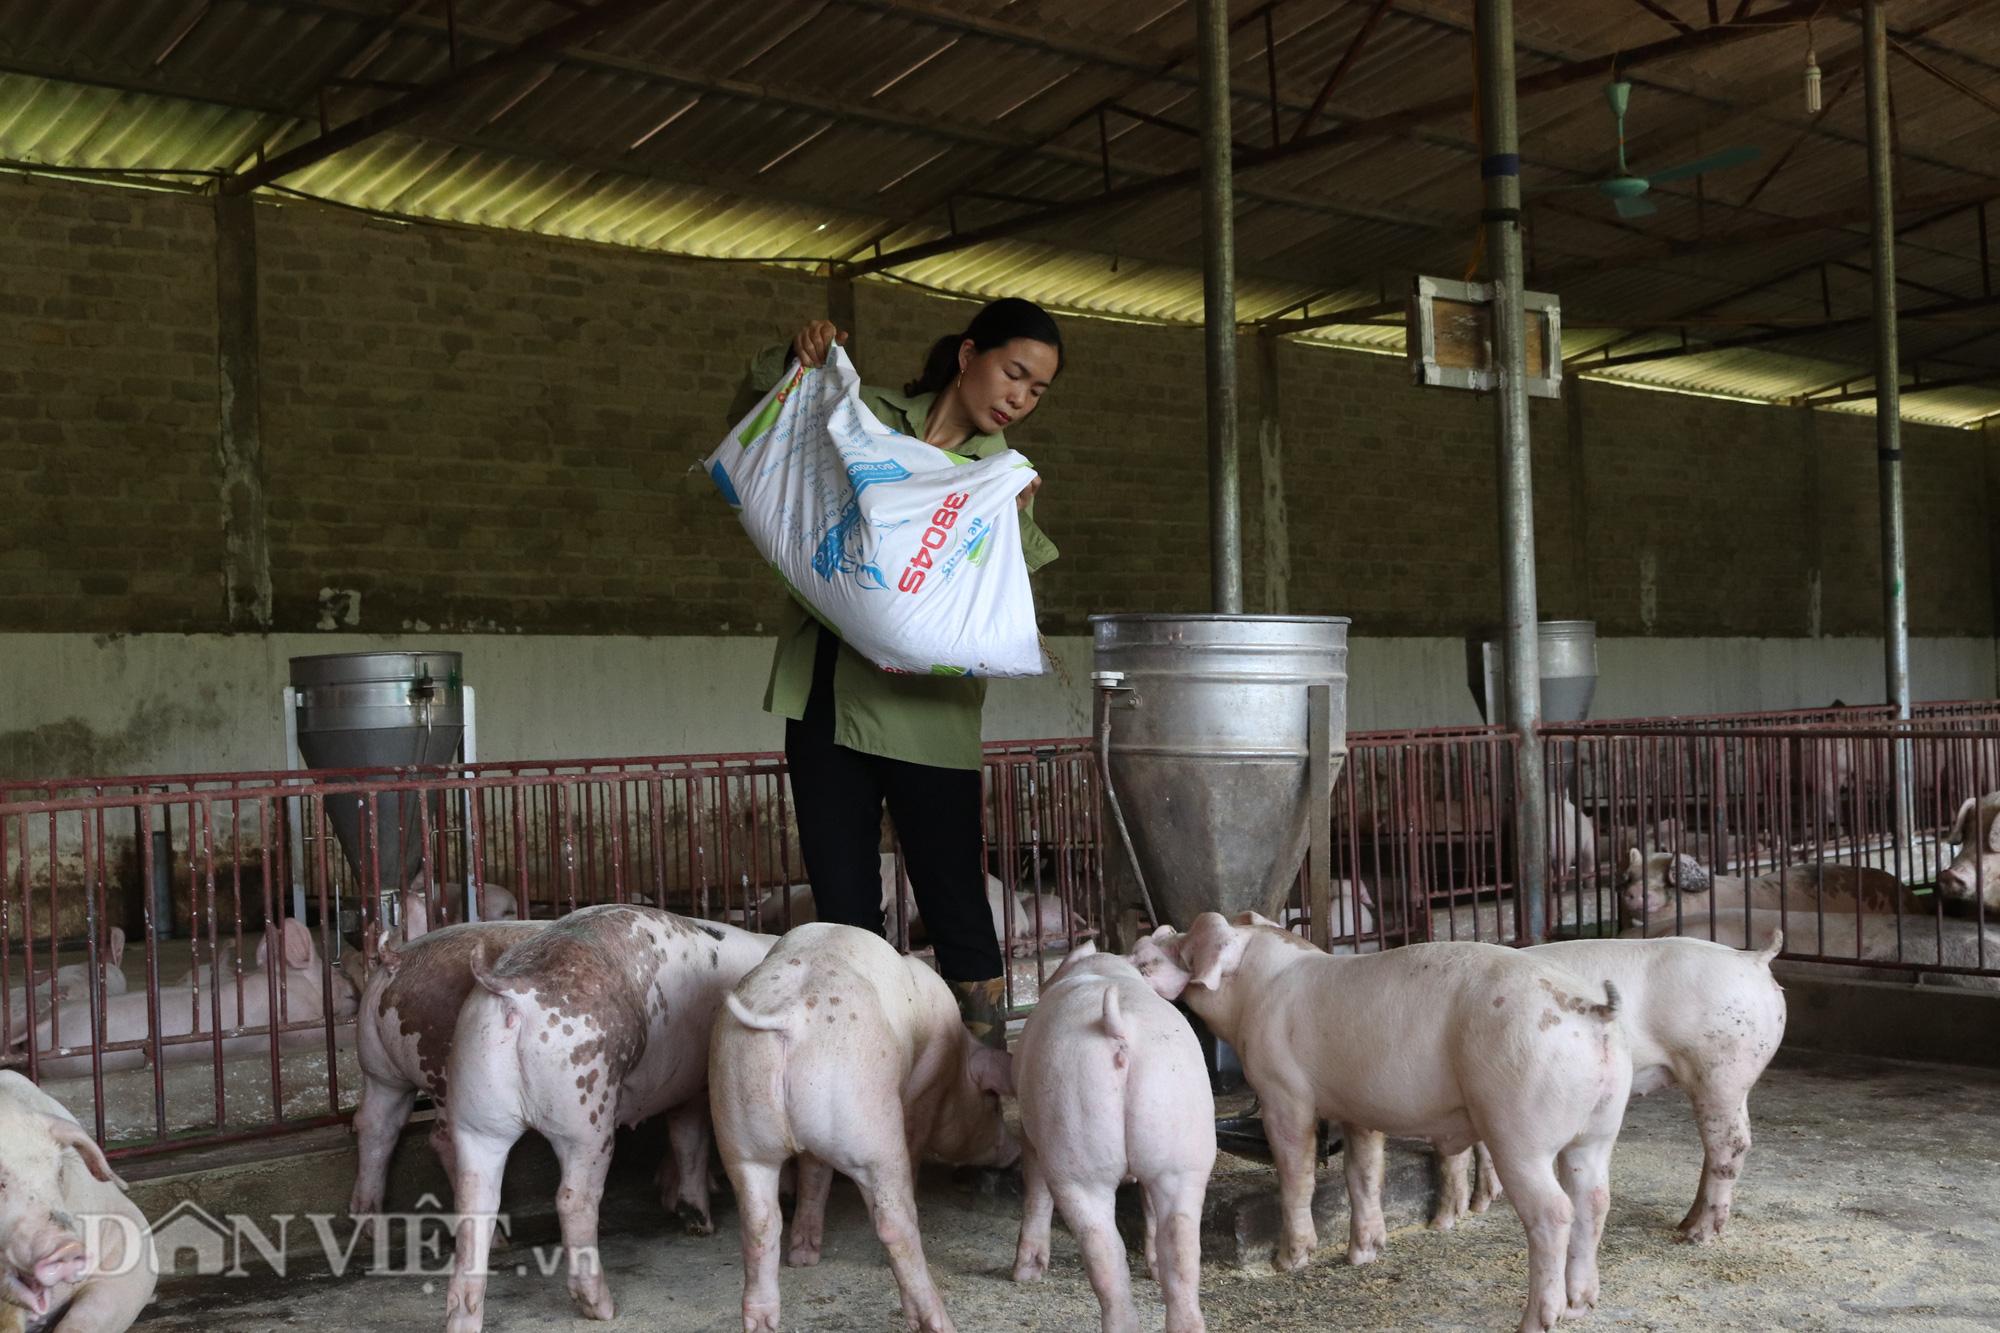 """Bí quyết """"bỏ túi' tiền tỷ từ nuôi lợn thịt của người phụ nữ Thái Sơn La - Ảnh 5."""